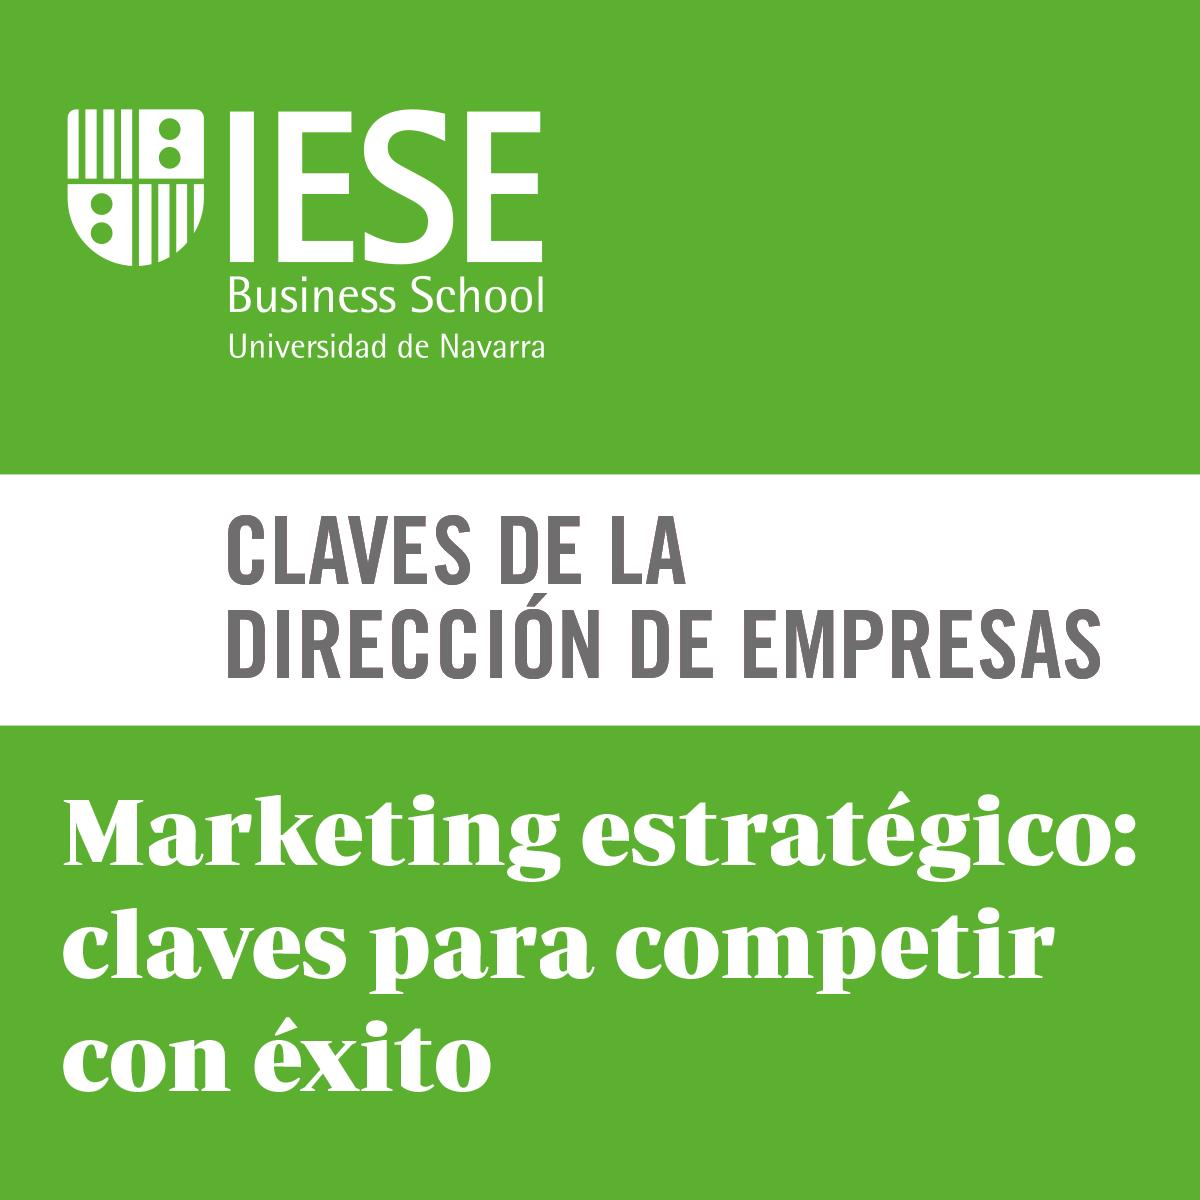 Marketing estratégico: claves para competir con éxito course image